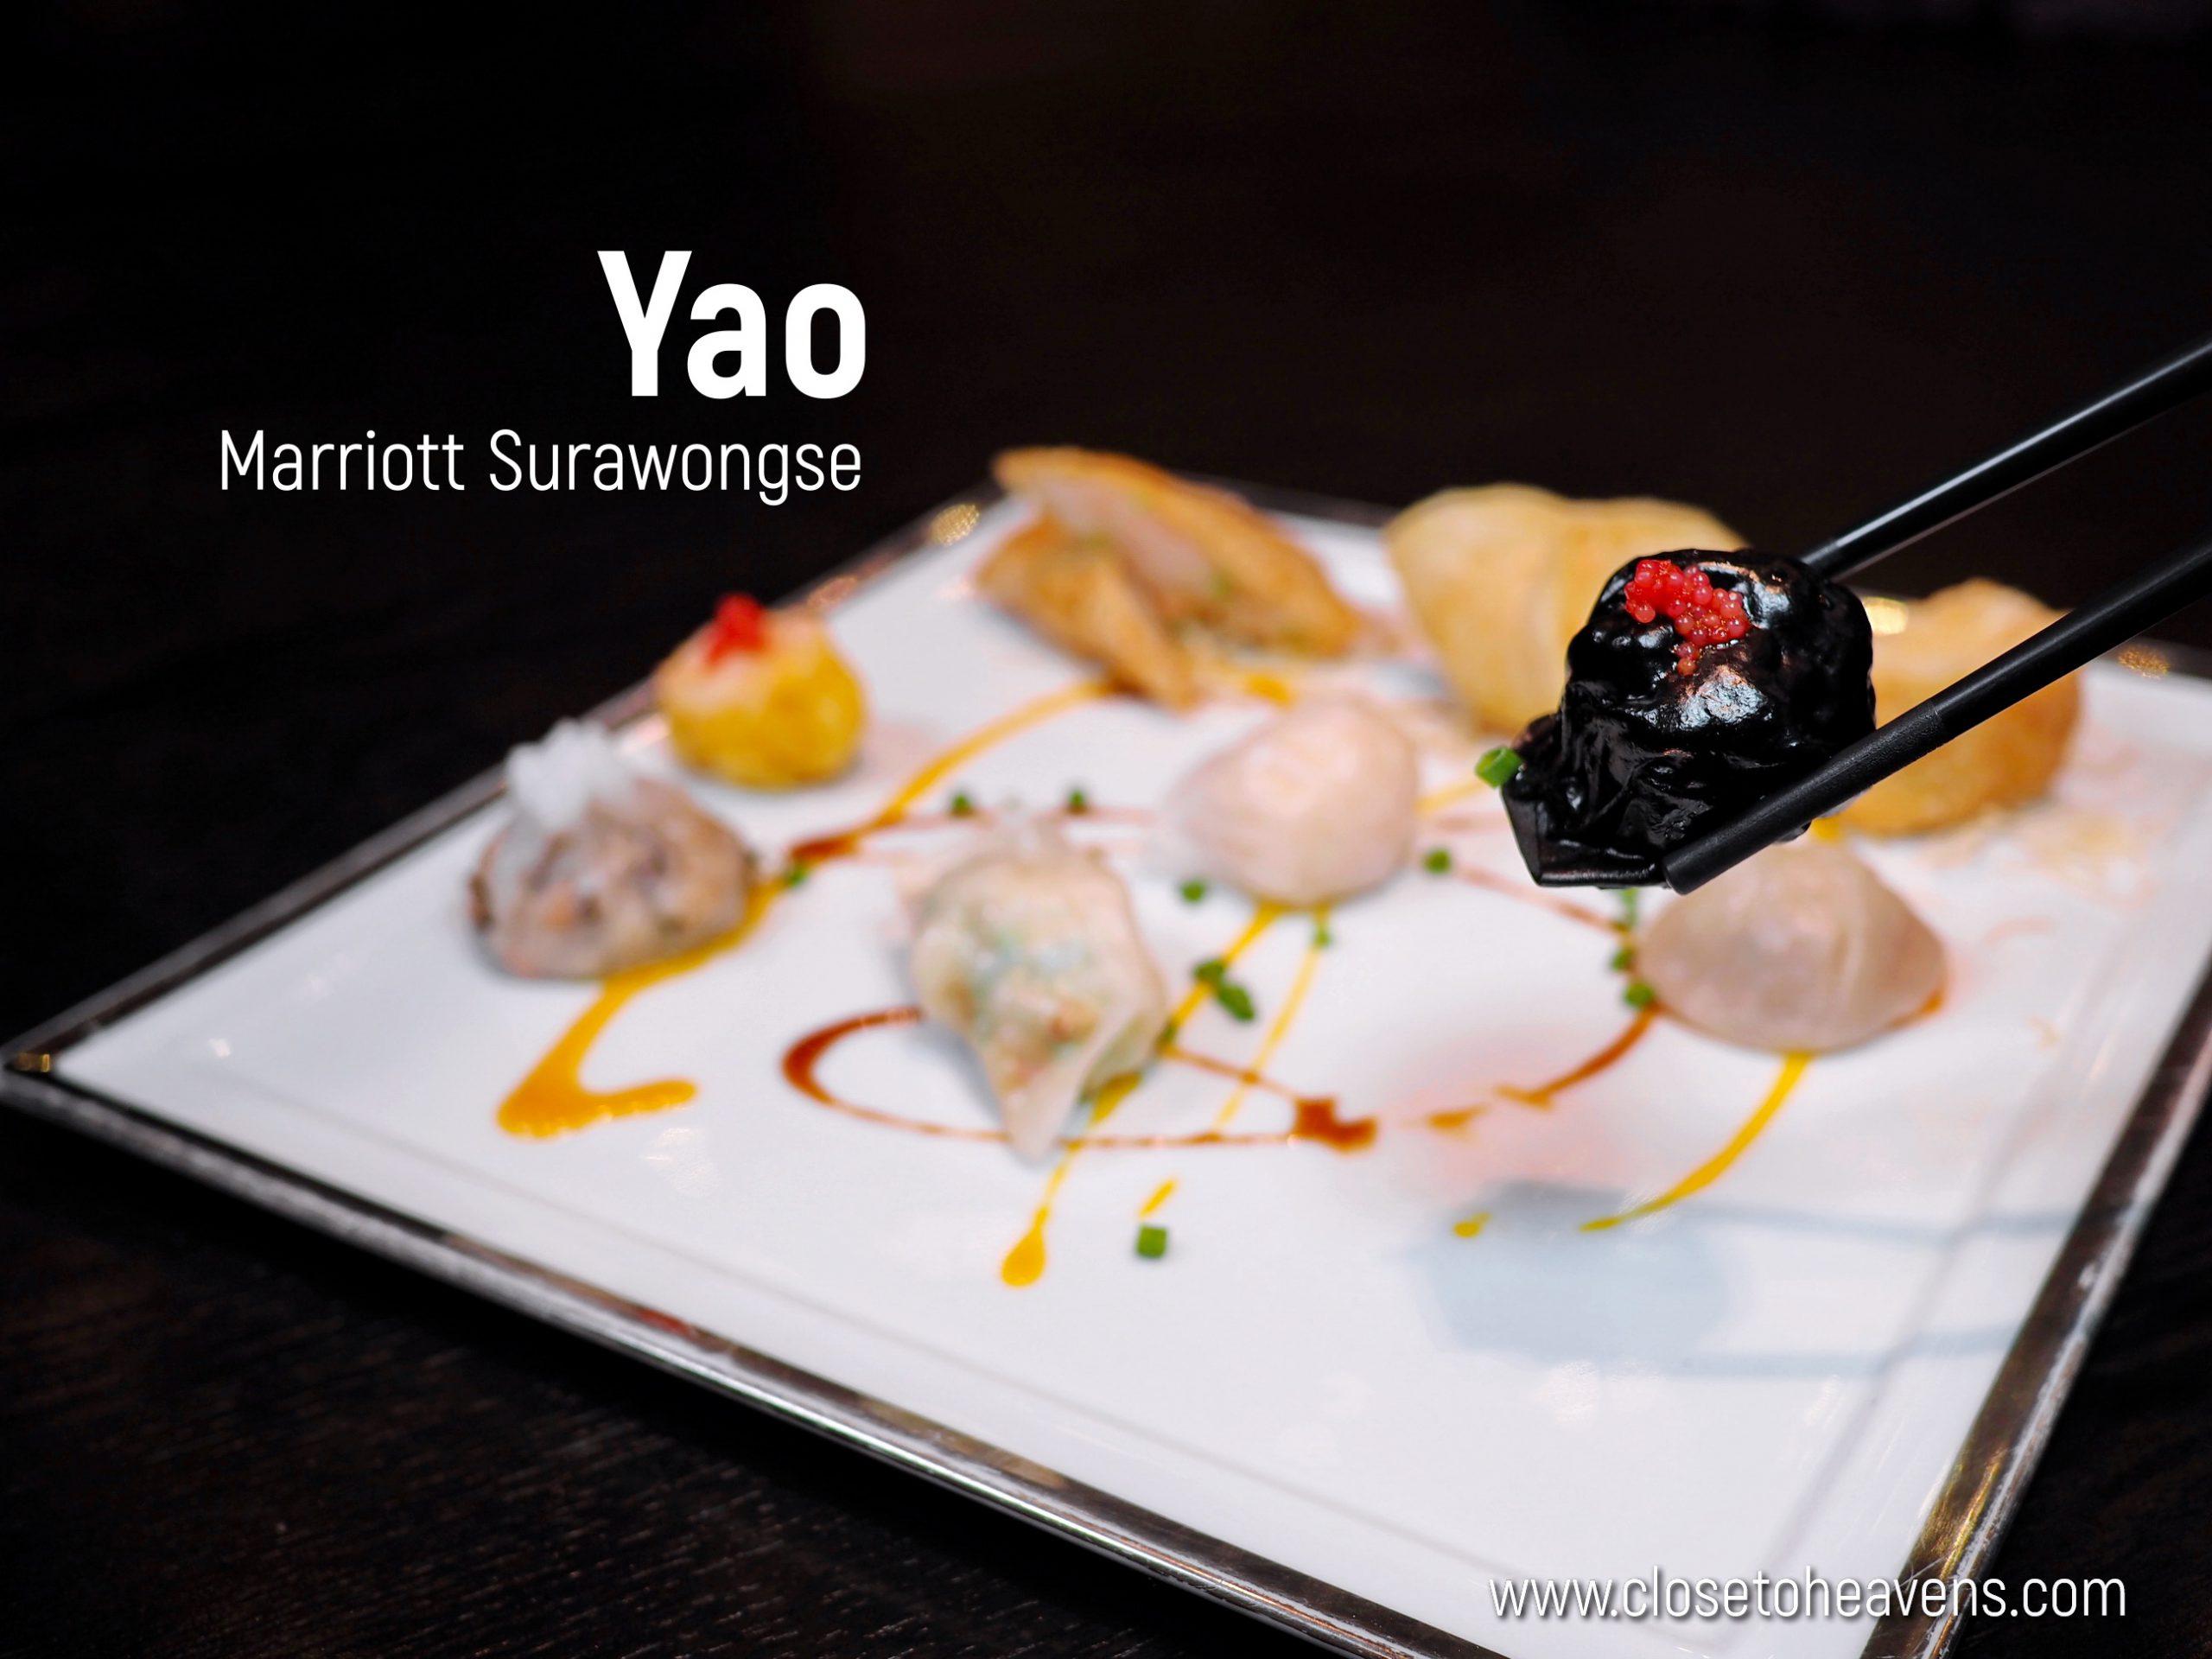 ห้องอาหารจีน Yao @ Marriott Surawongse